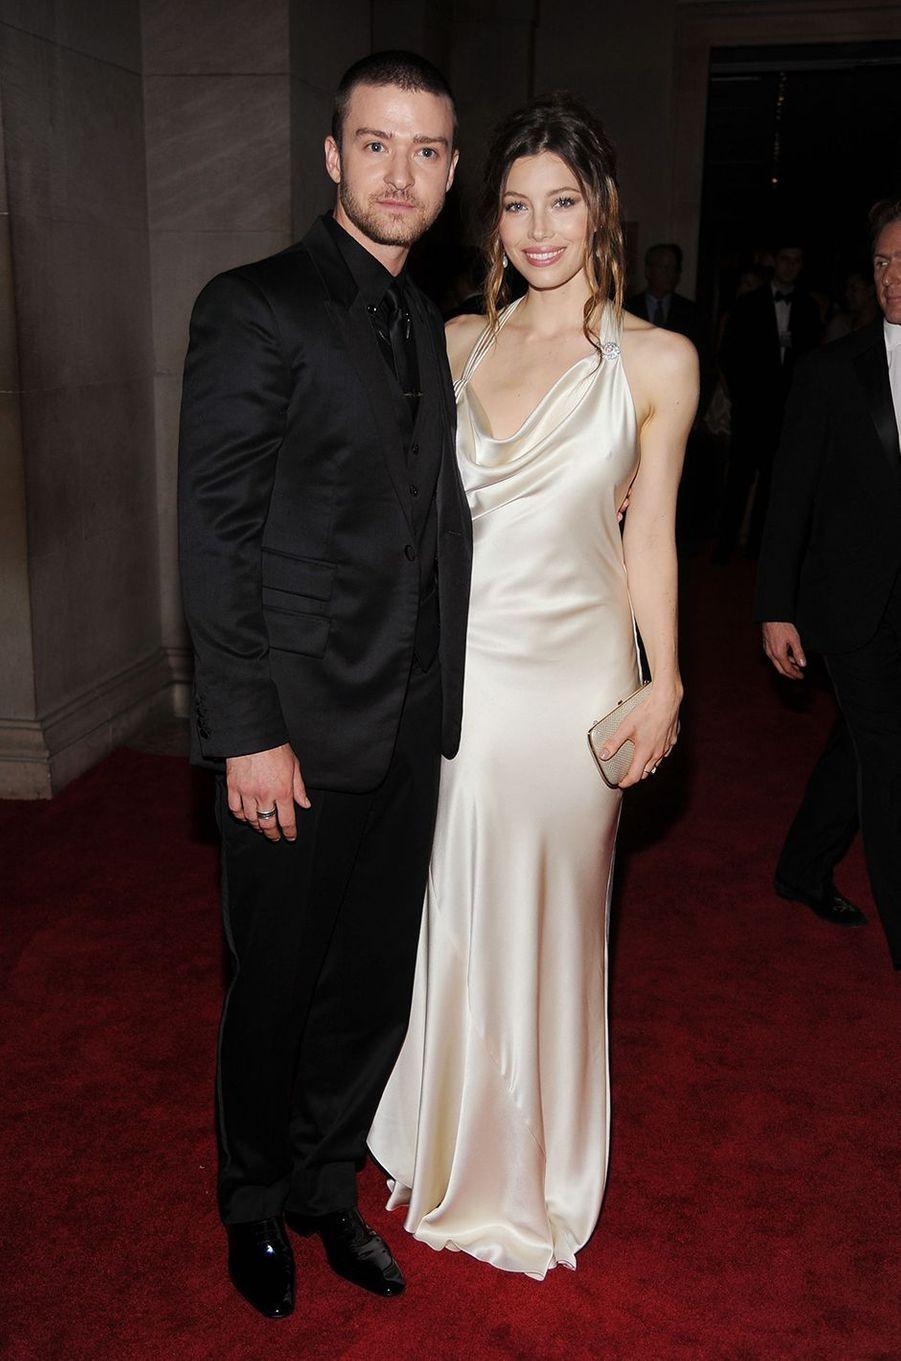 Justin Timberlake et Jessica Bielau Met Gala à New York le 3 mai 2010